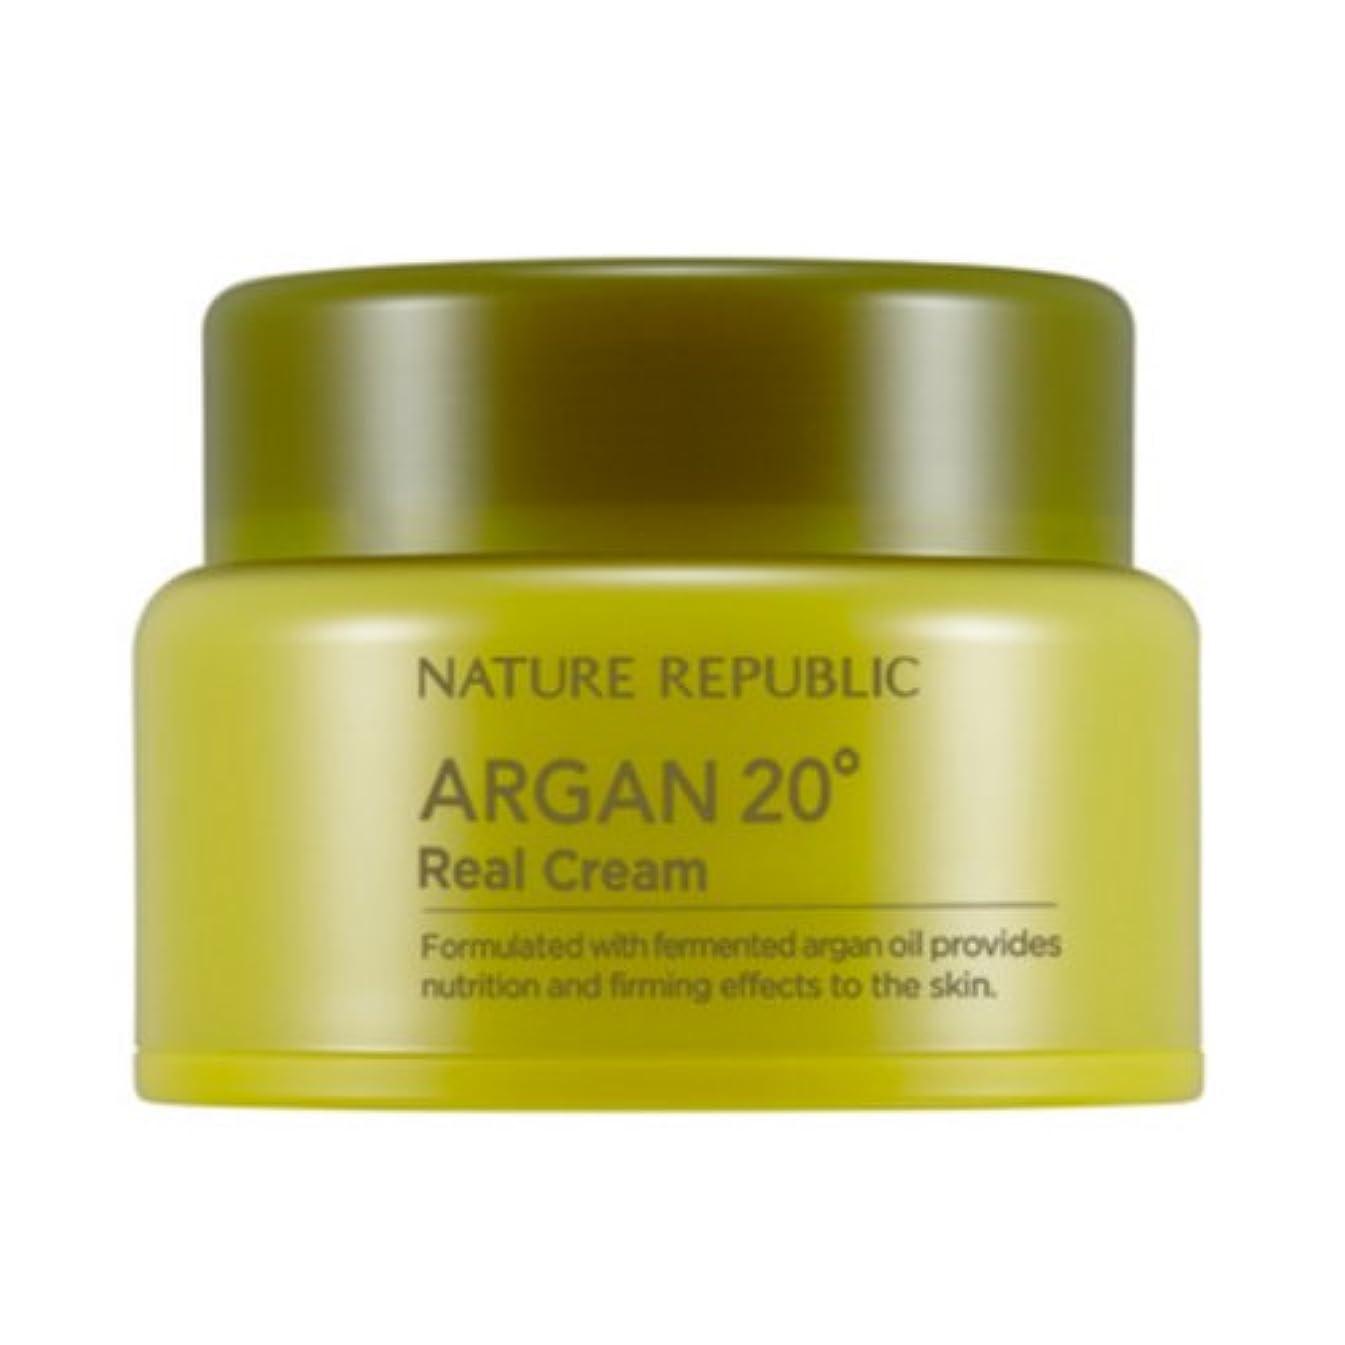 試してみる視線エンジニアリング[ネイチャーリパブリック] Nature republicアルガン20ºリアルクリーム海外直送品(Argan20ºReal Cream) [並行輸入品]